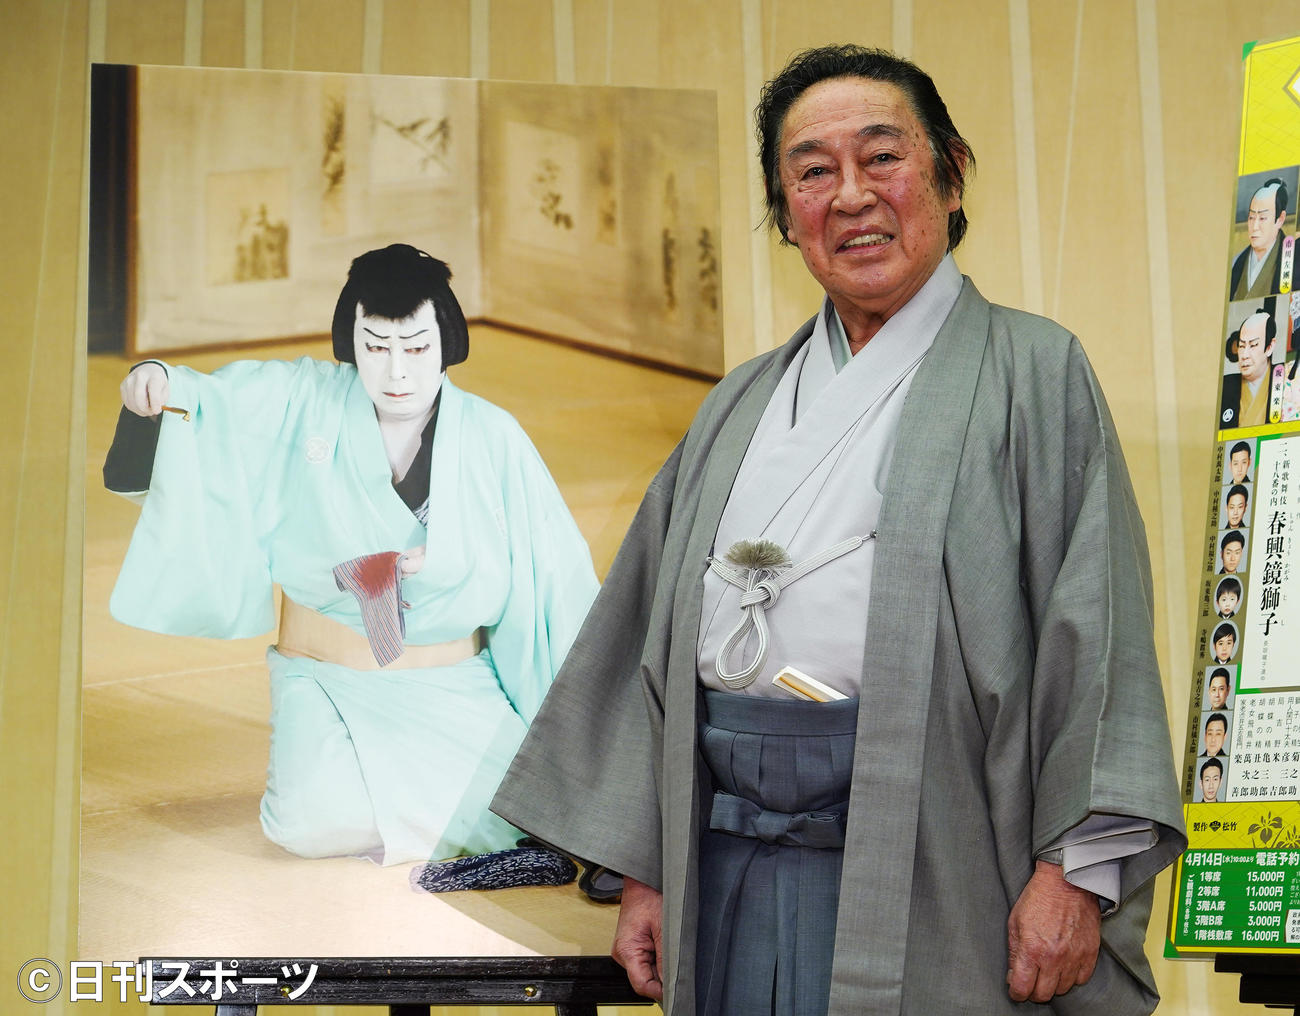 「五月大歌舞伎」の合同取材会で記念写真に納まる尾上菊五郎(撮影・菅敏)